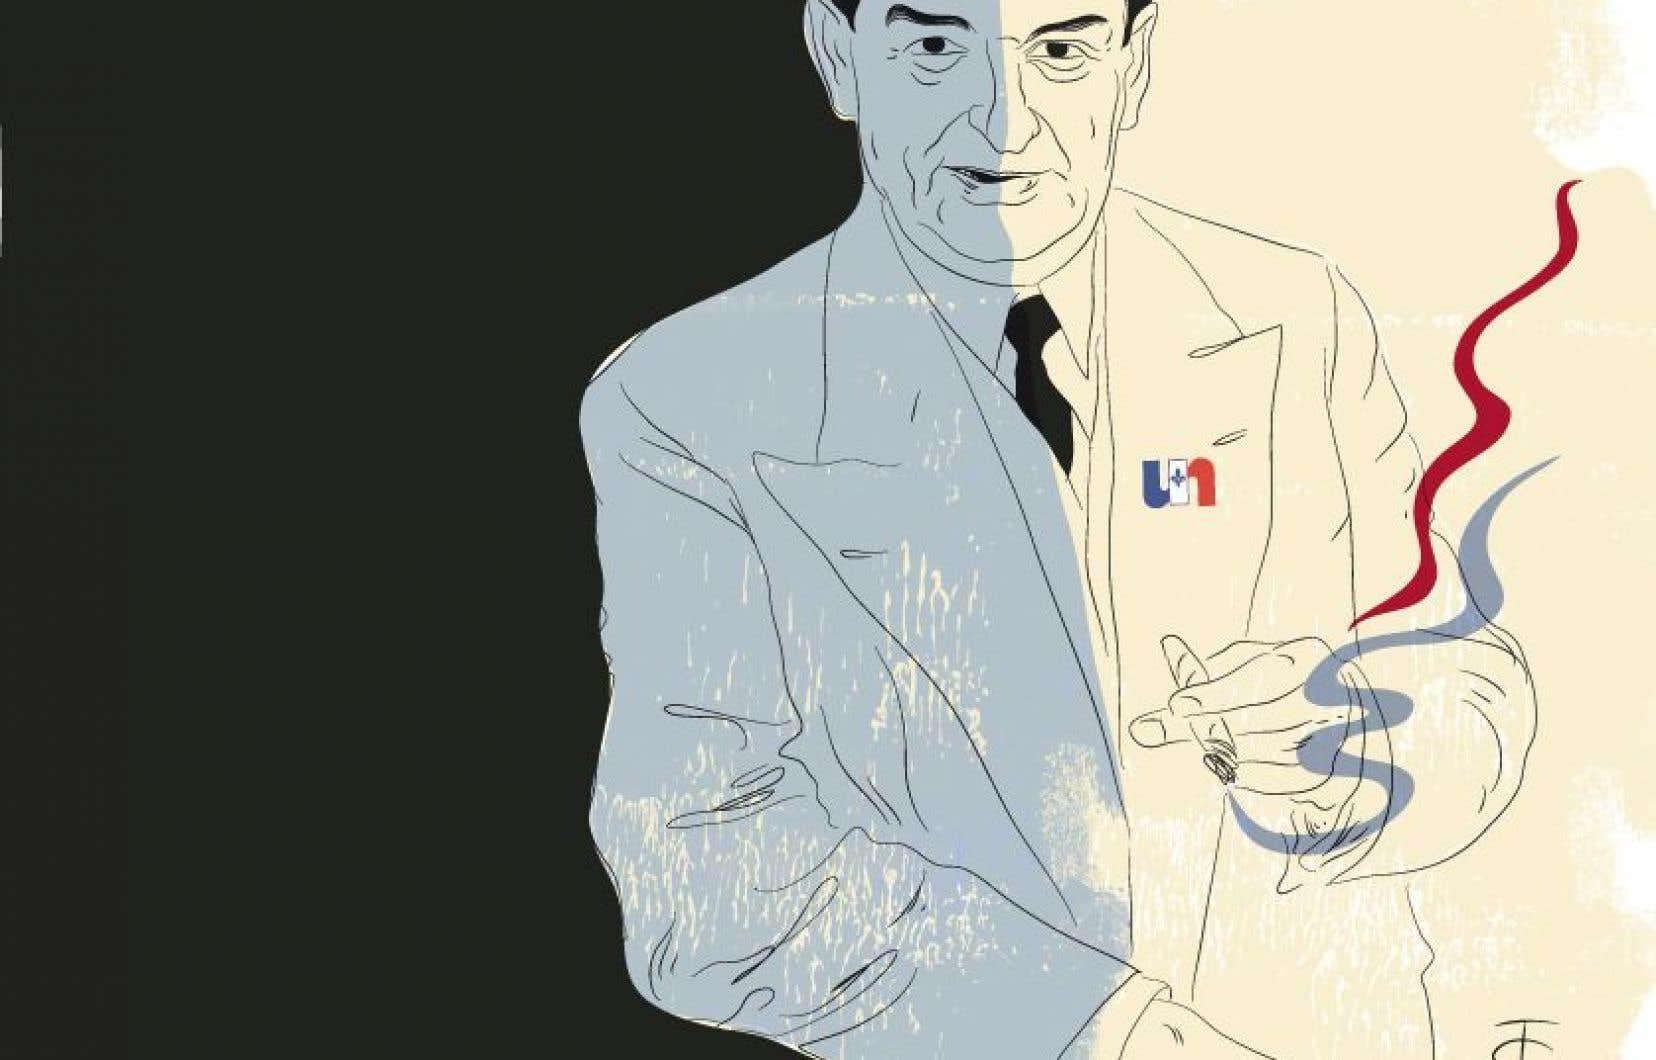 Dans le regard que l'on jette sur la figure de Duplessis se joue, encore aujourd'hui, un affrontement idéologique constitutif de notre vision du Québec.